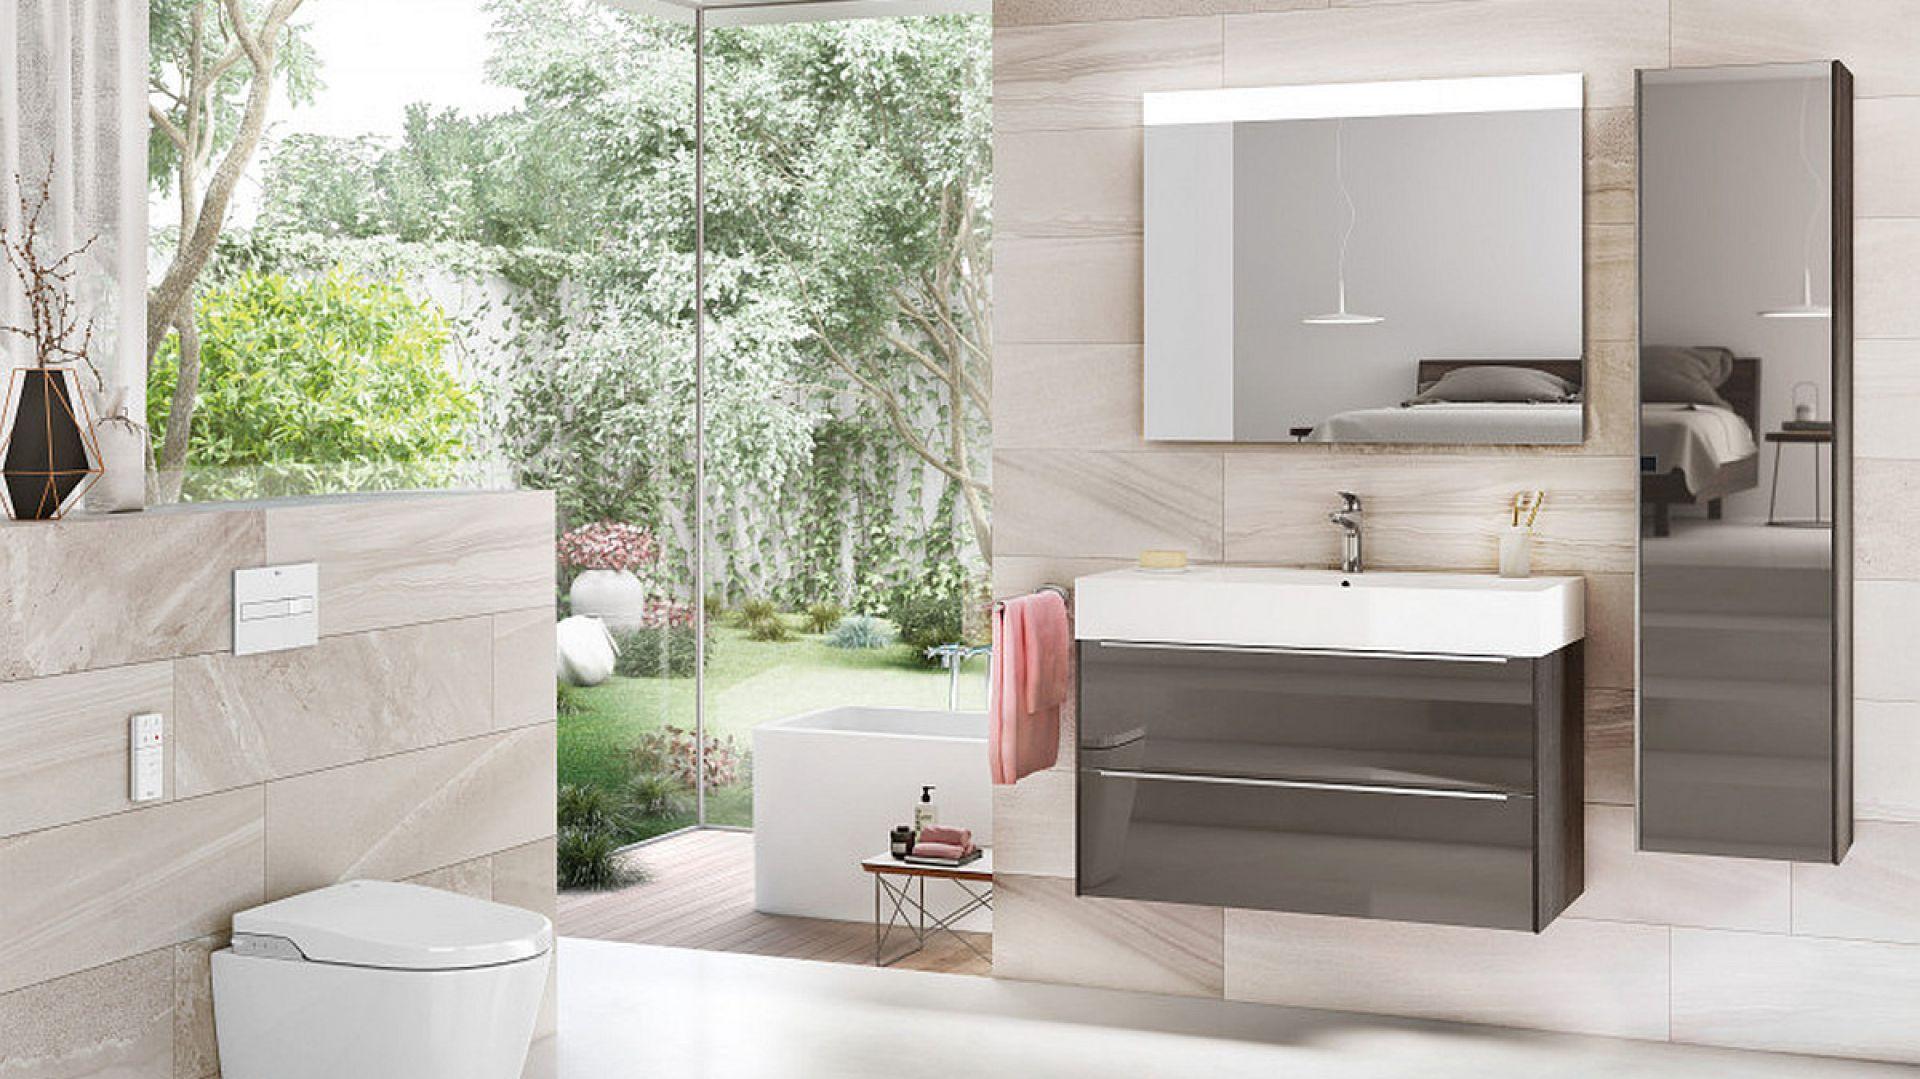 Meble do łazienki z kolekcji Inspira marki Roca. Fot. Roca